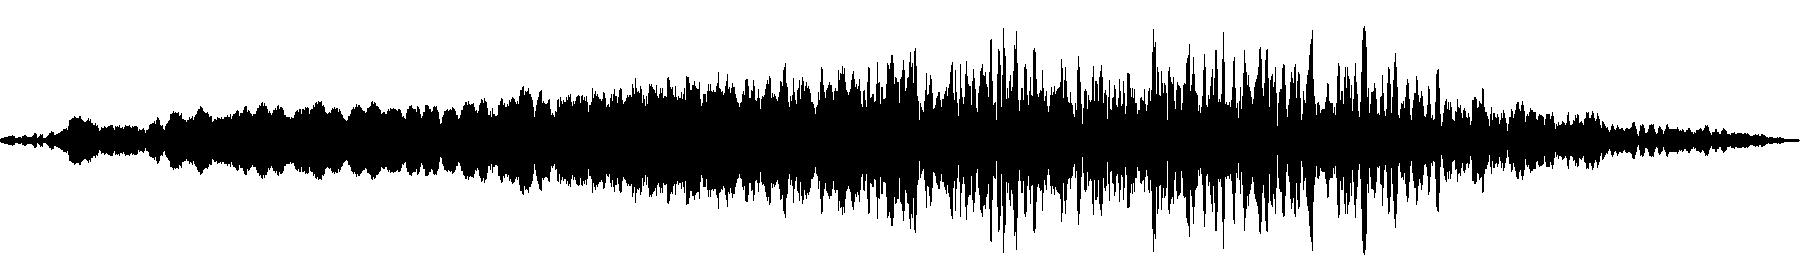 vfx1 atmos 30